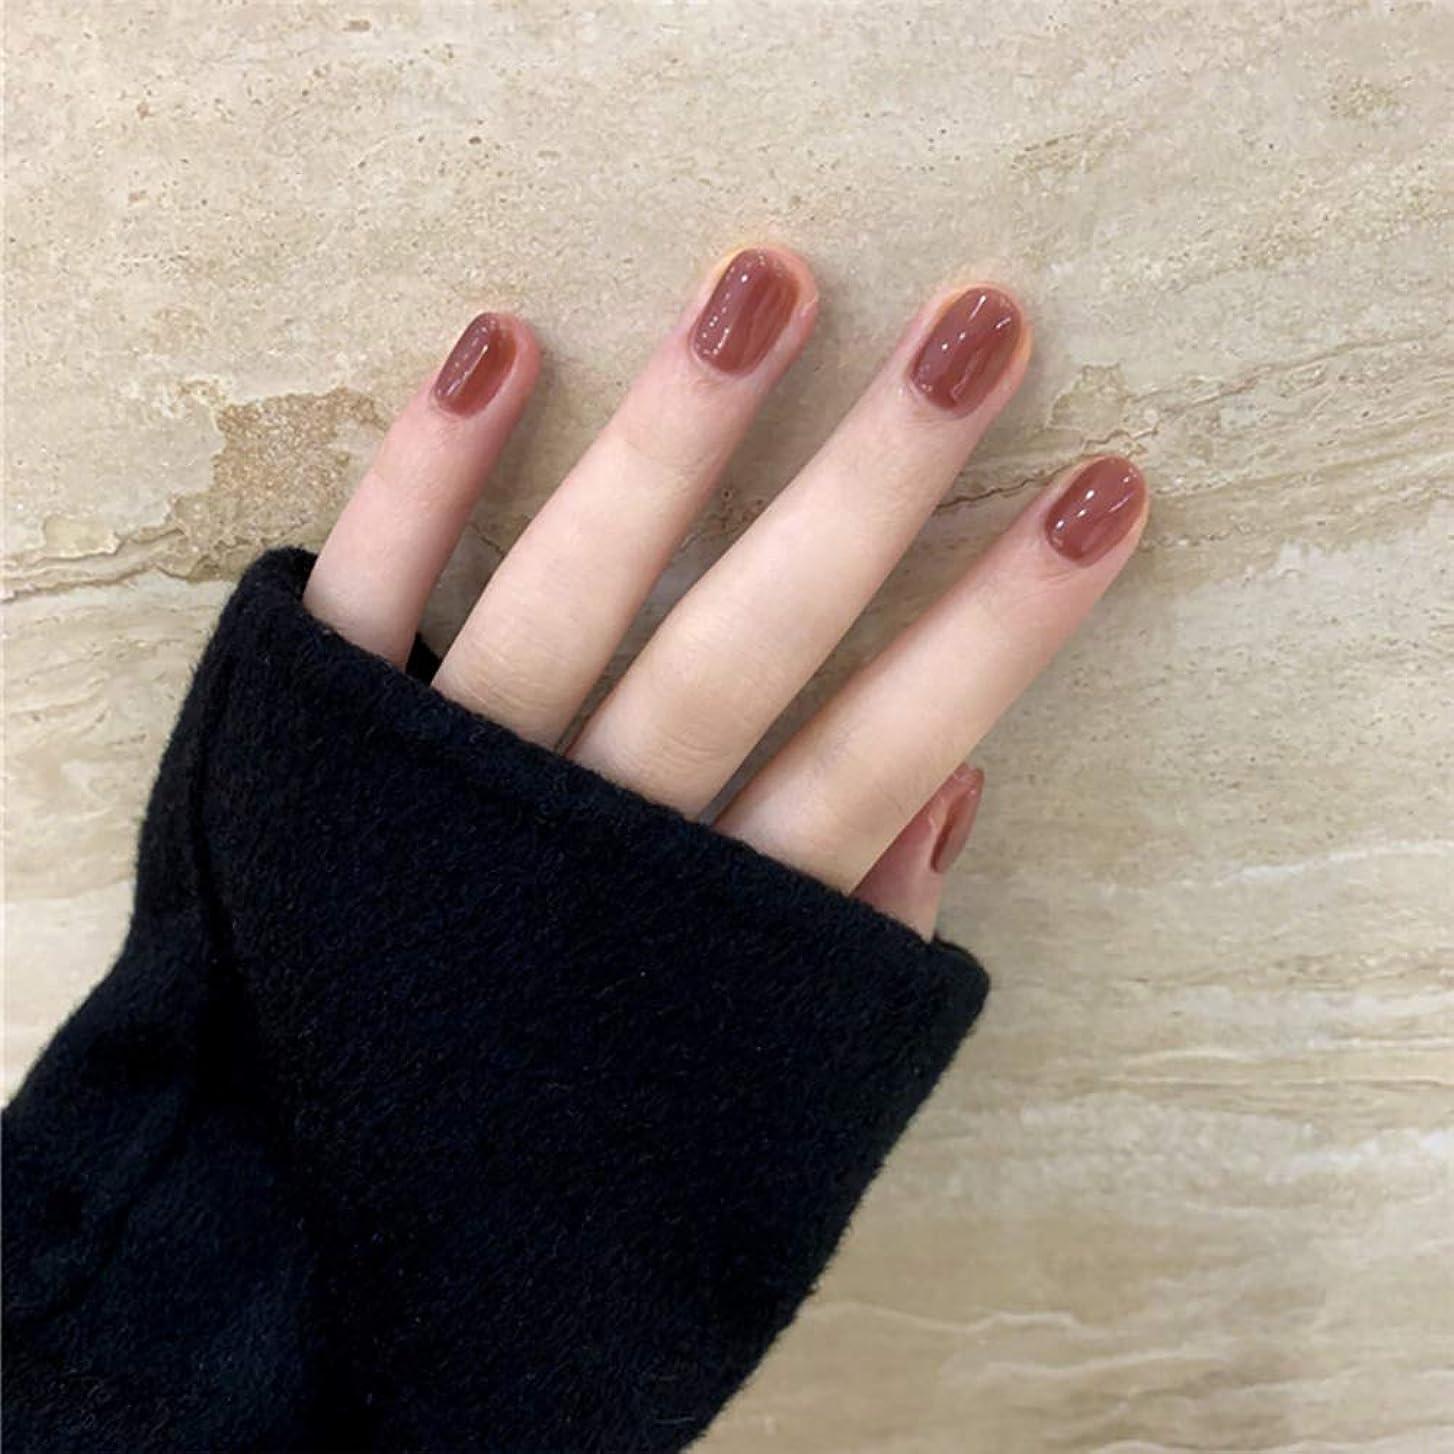 せっかち禁止するビジョンSIFASHION ins 人気の 24pcs ネイルチップ 可愛い優雅ネイル 長い偽の爪